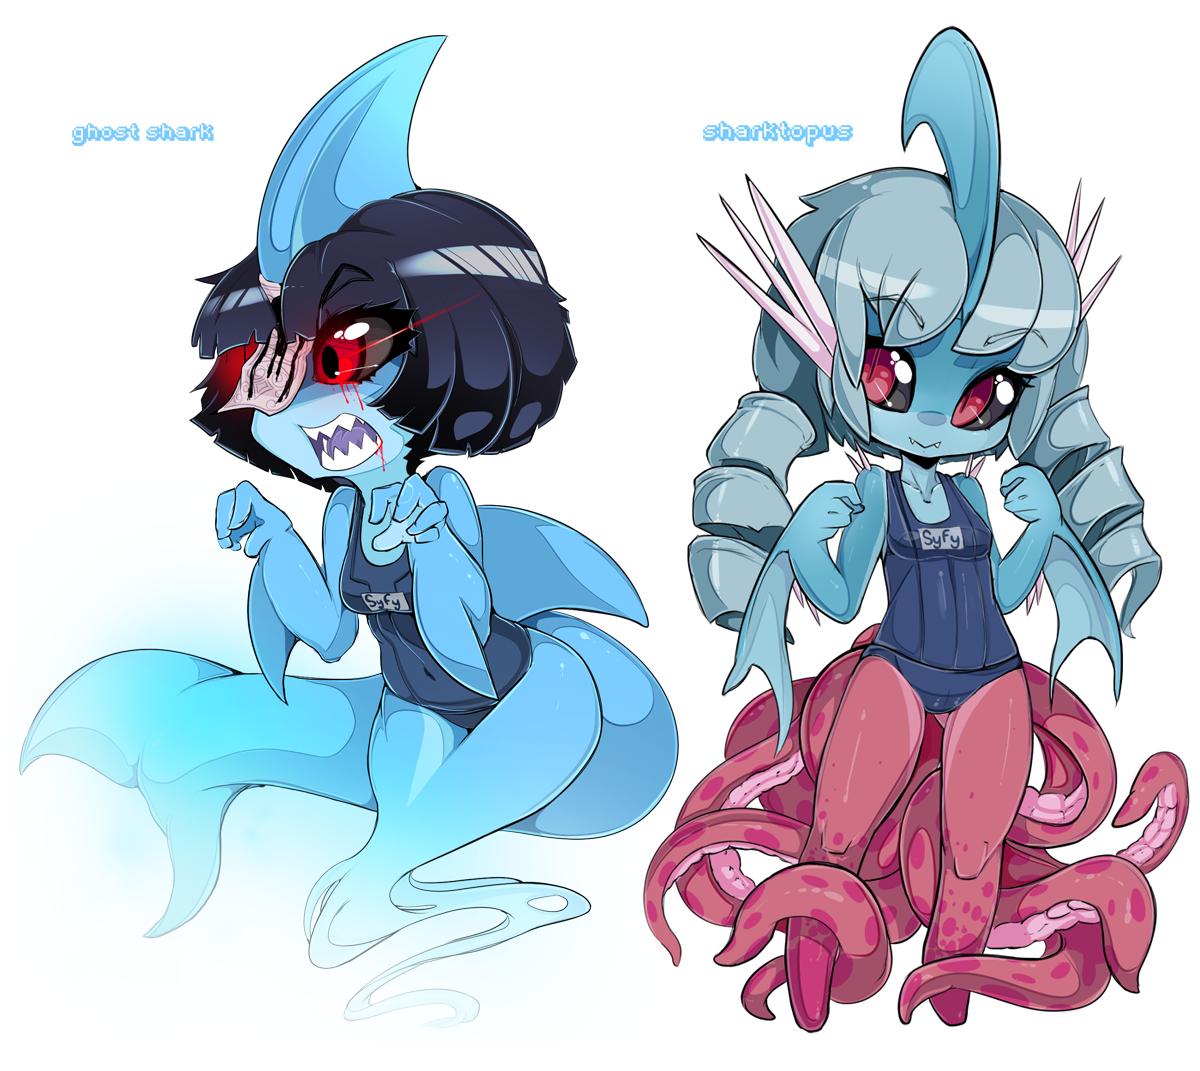 Syfy Sharks - Ghost Shark / Sharktopus by Slugbox on DeviantArt